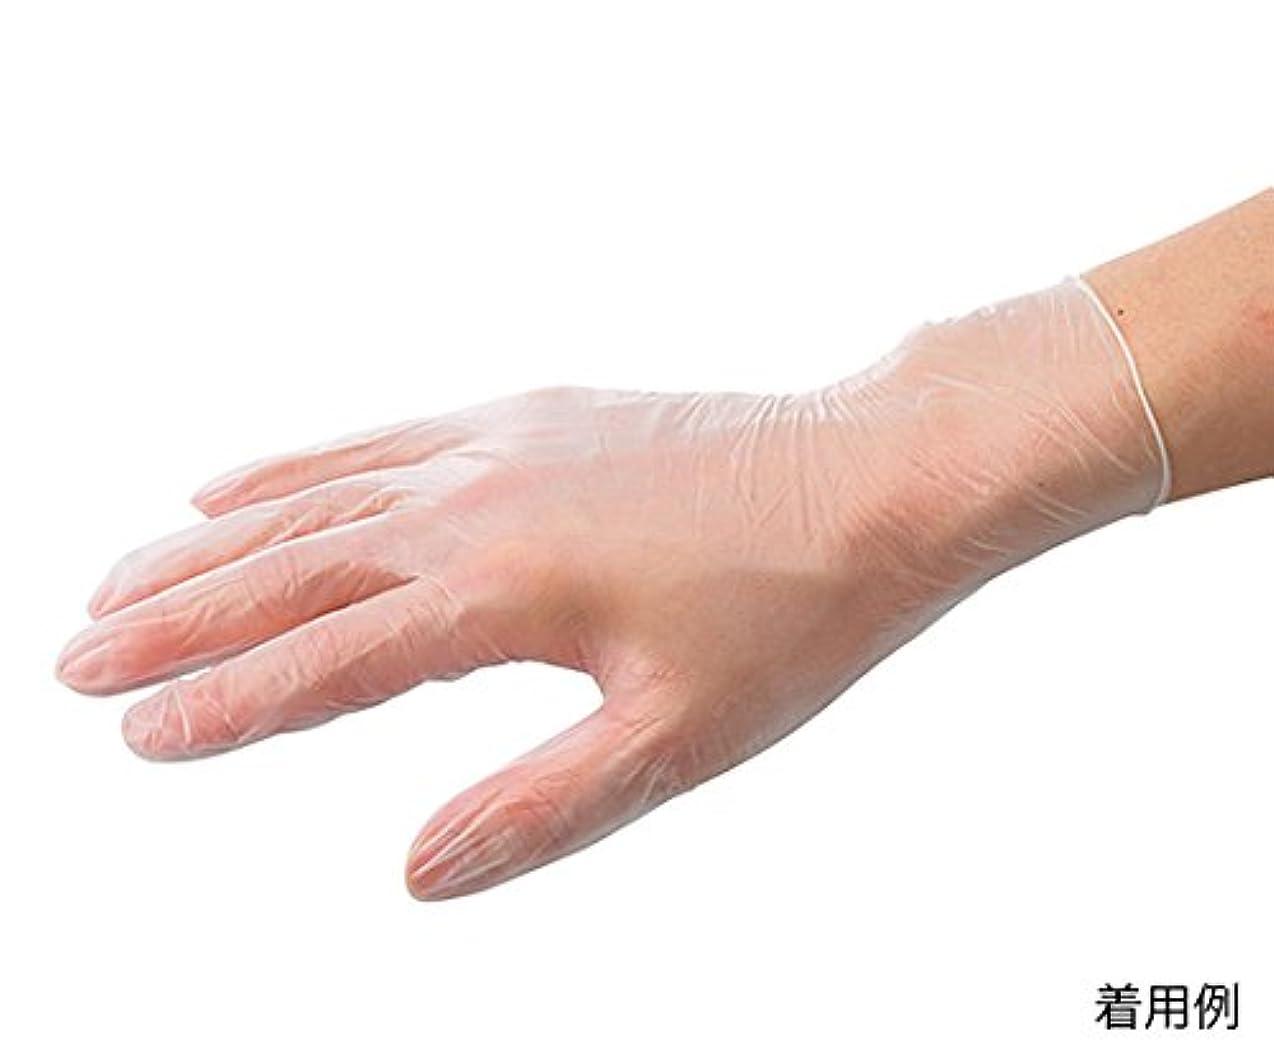 なので不足いわゆるARメディコム?インク?アジアリミテッド7-3727-03バイタルプラスチック手袋(パウダー付き)L150枚入